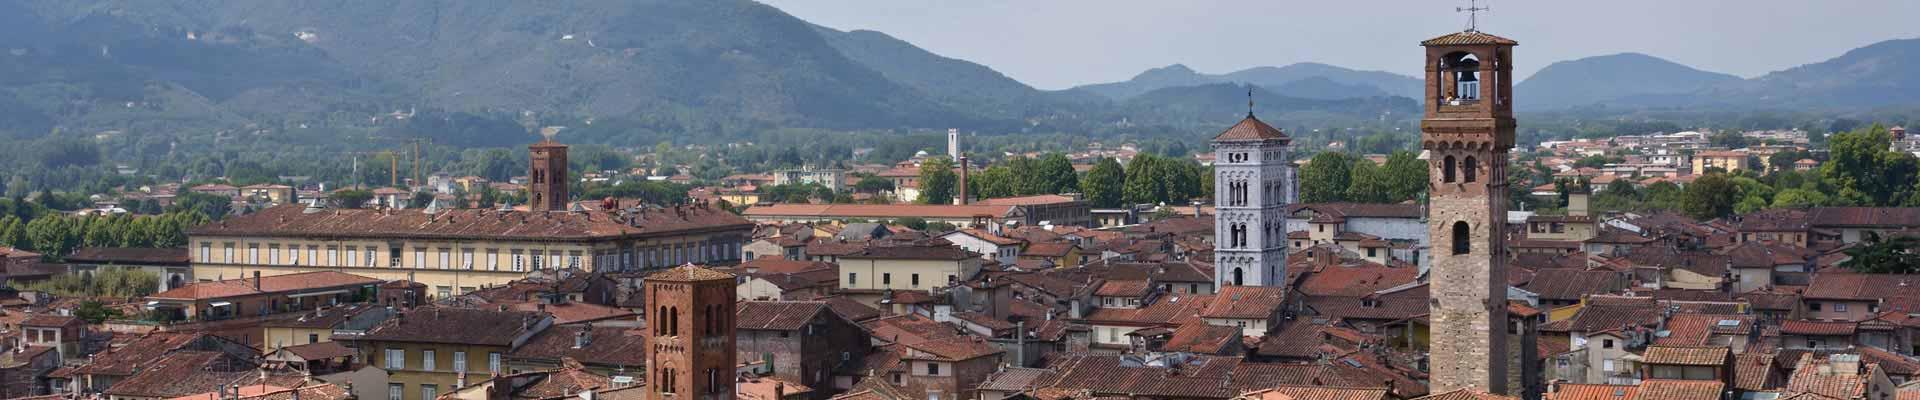 Visita la Toscana e tutte le sue città d'arte